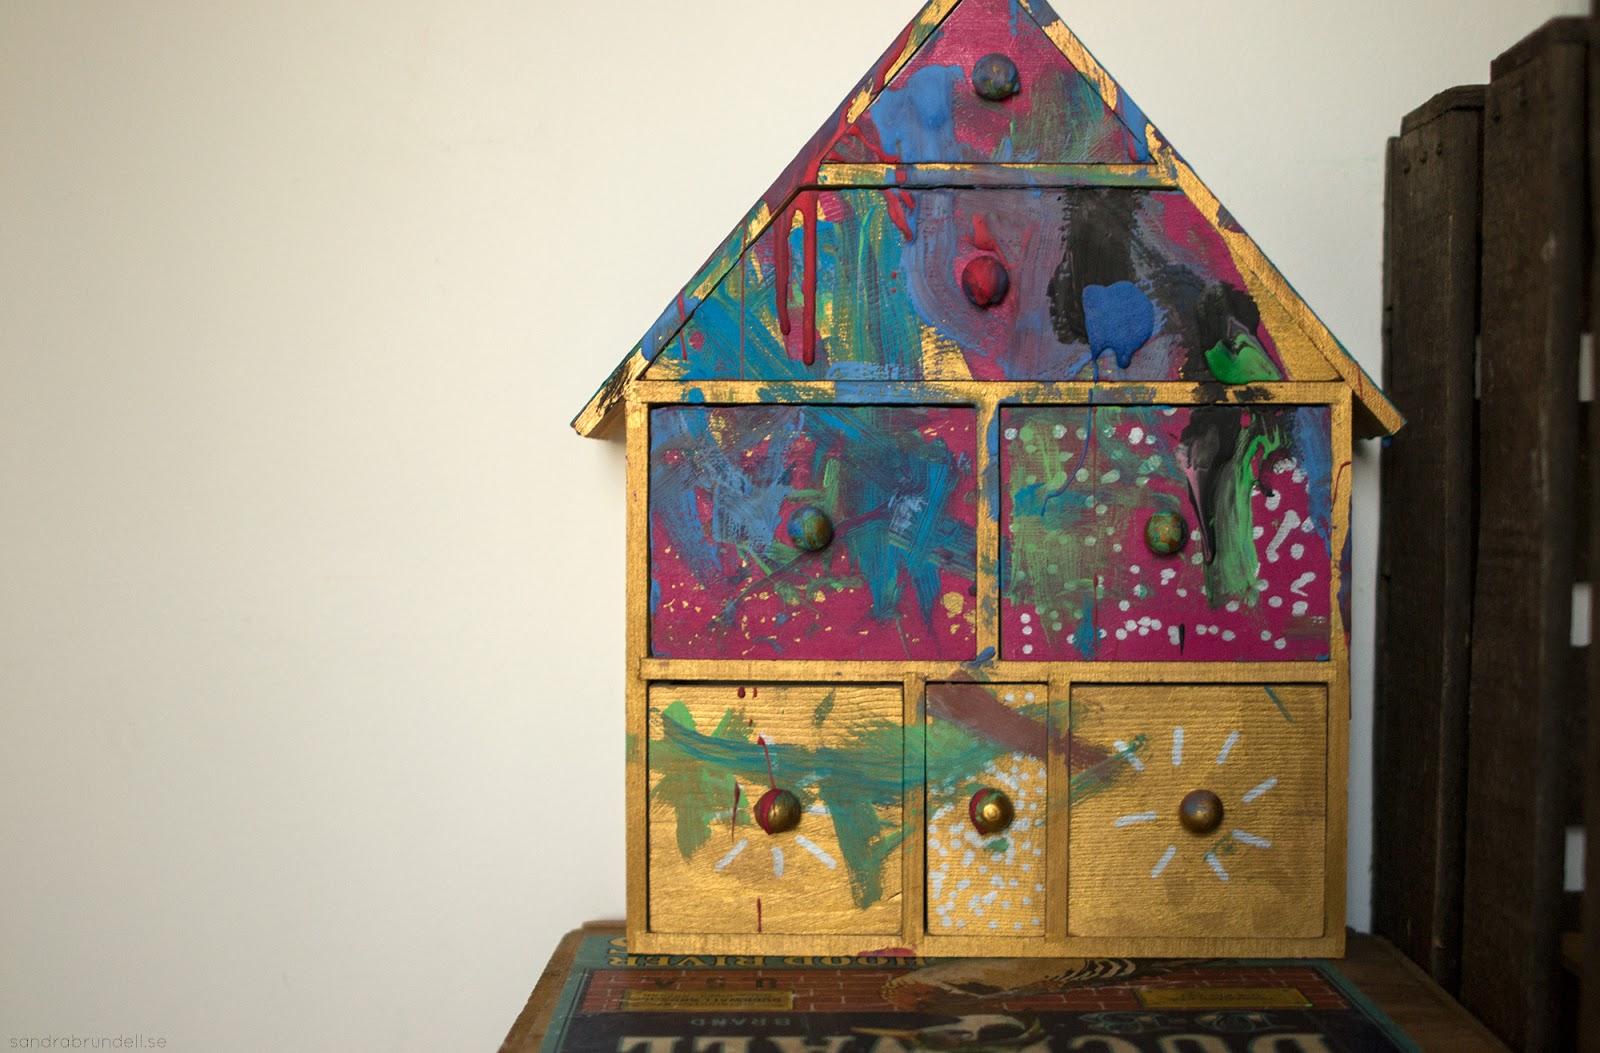 Hus med små lådor i, målat i många färger.